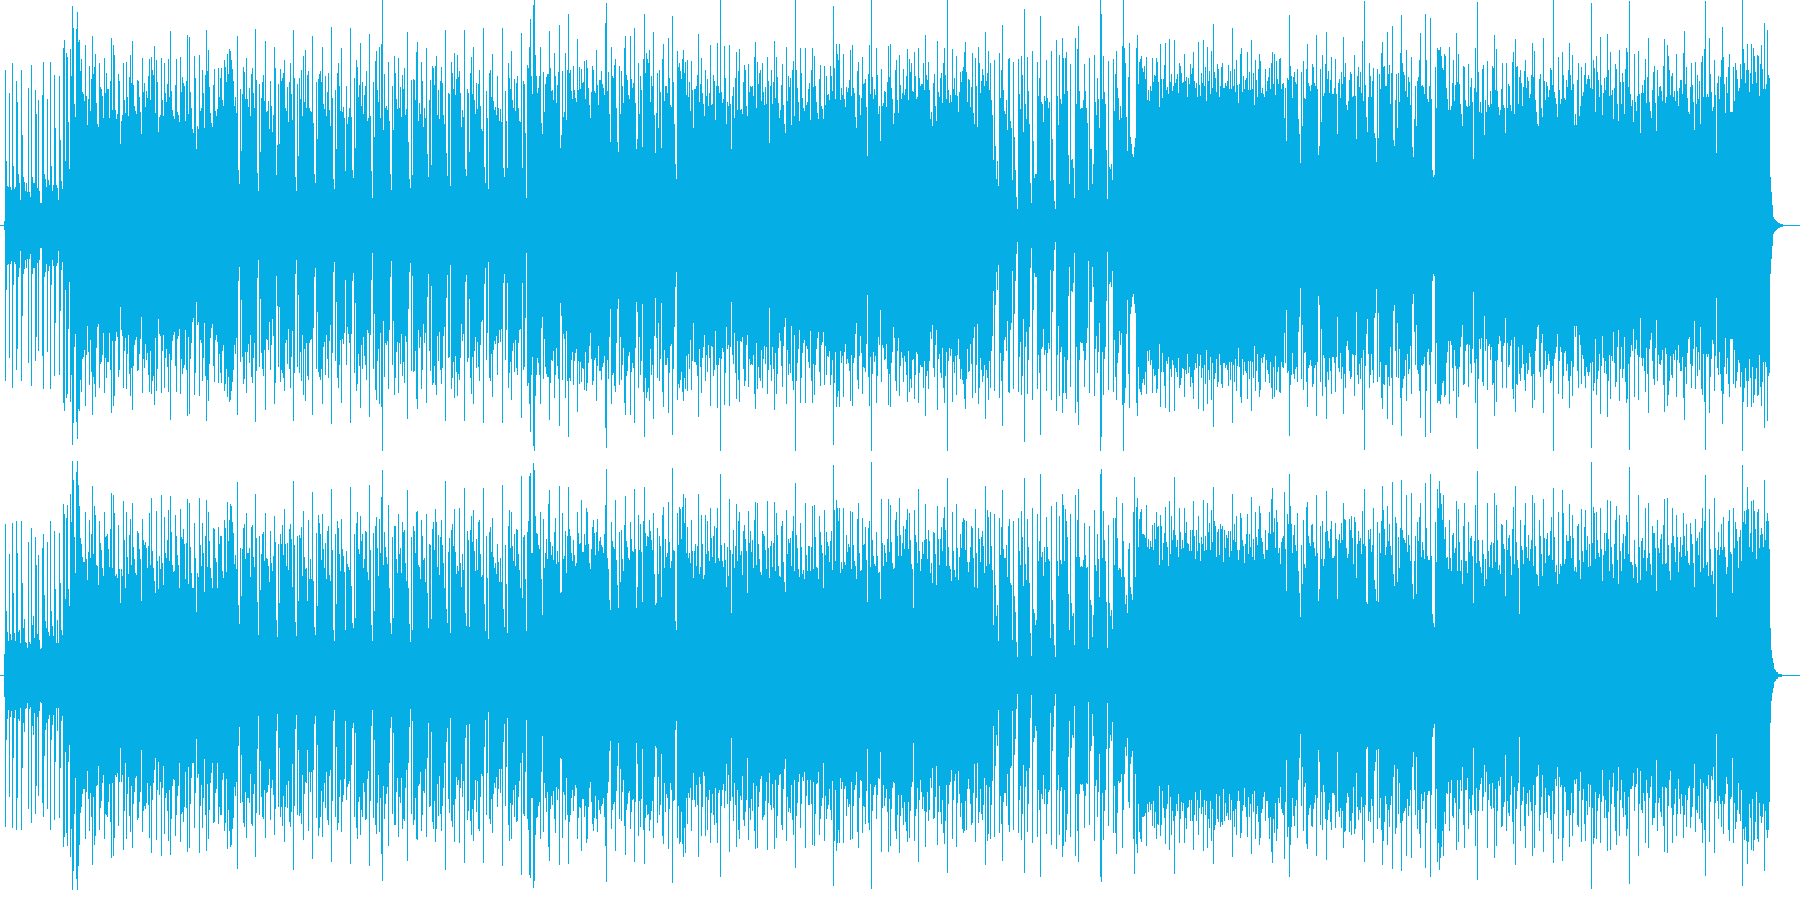 ドラムとギターがかっこいいポップロックの再生済みの波形